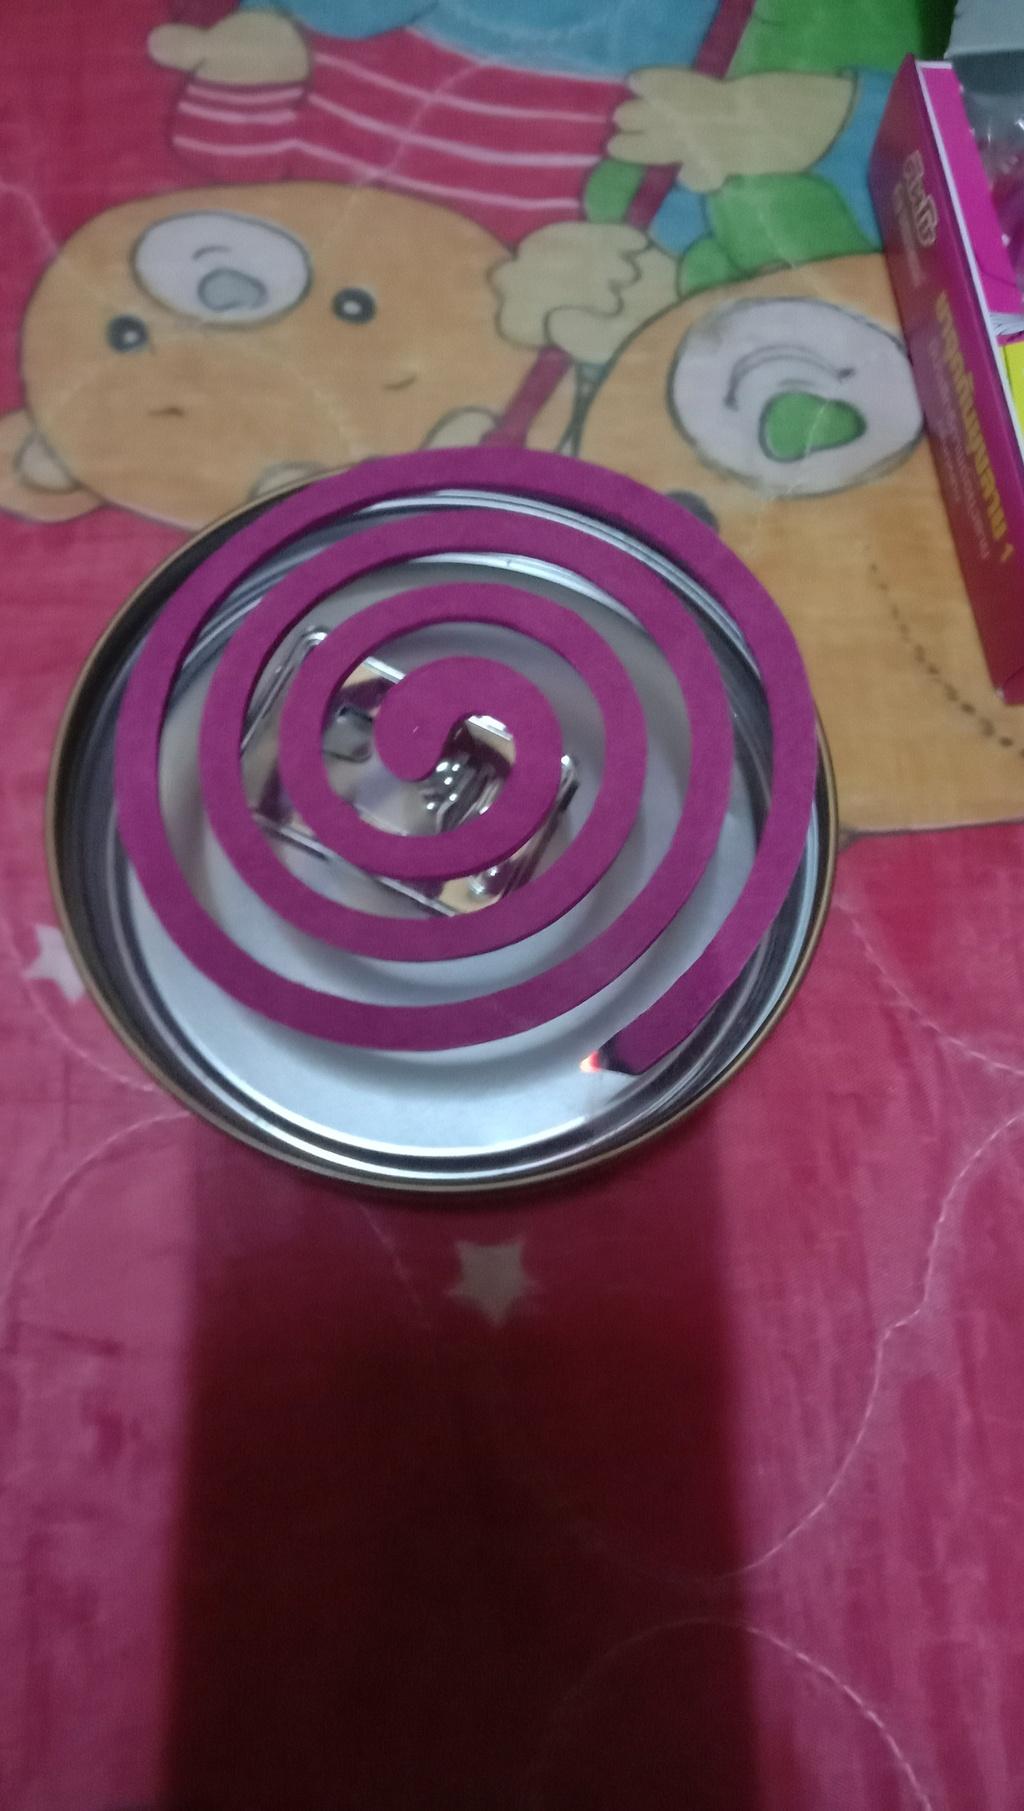 Kincho mosquito coils with tray ยาจุดกันยุงลาย1 กลิ่นกุหลาบ รีวิว